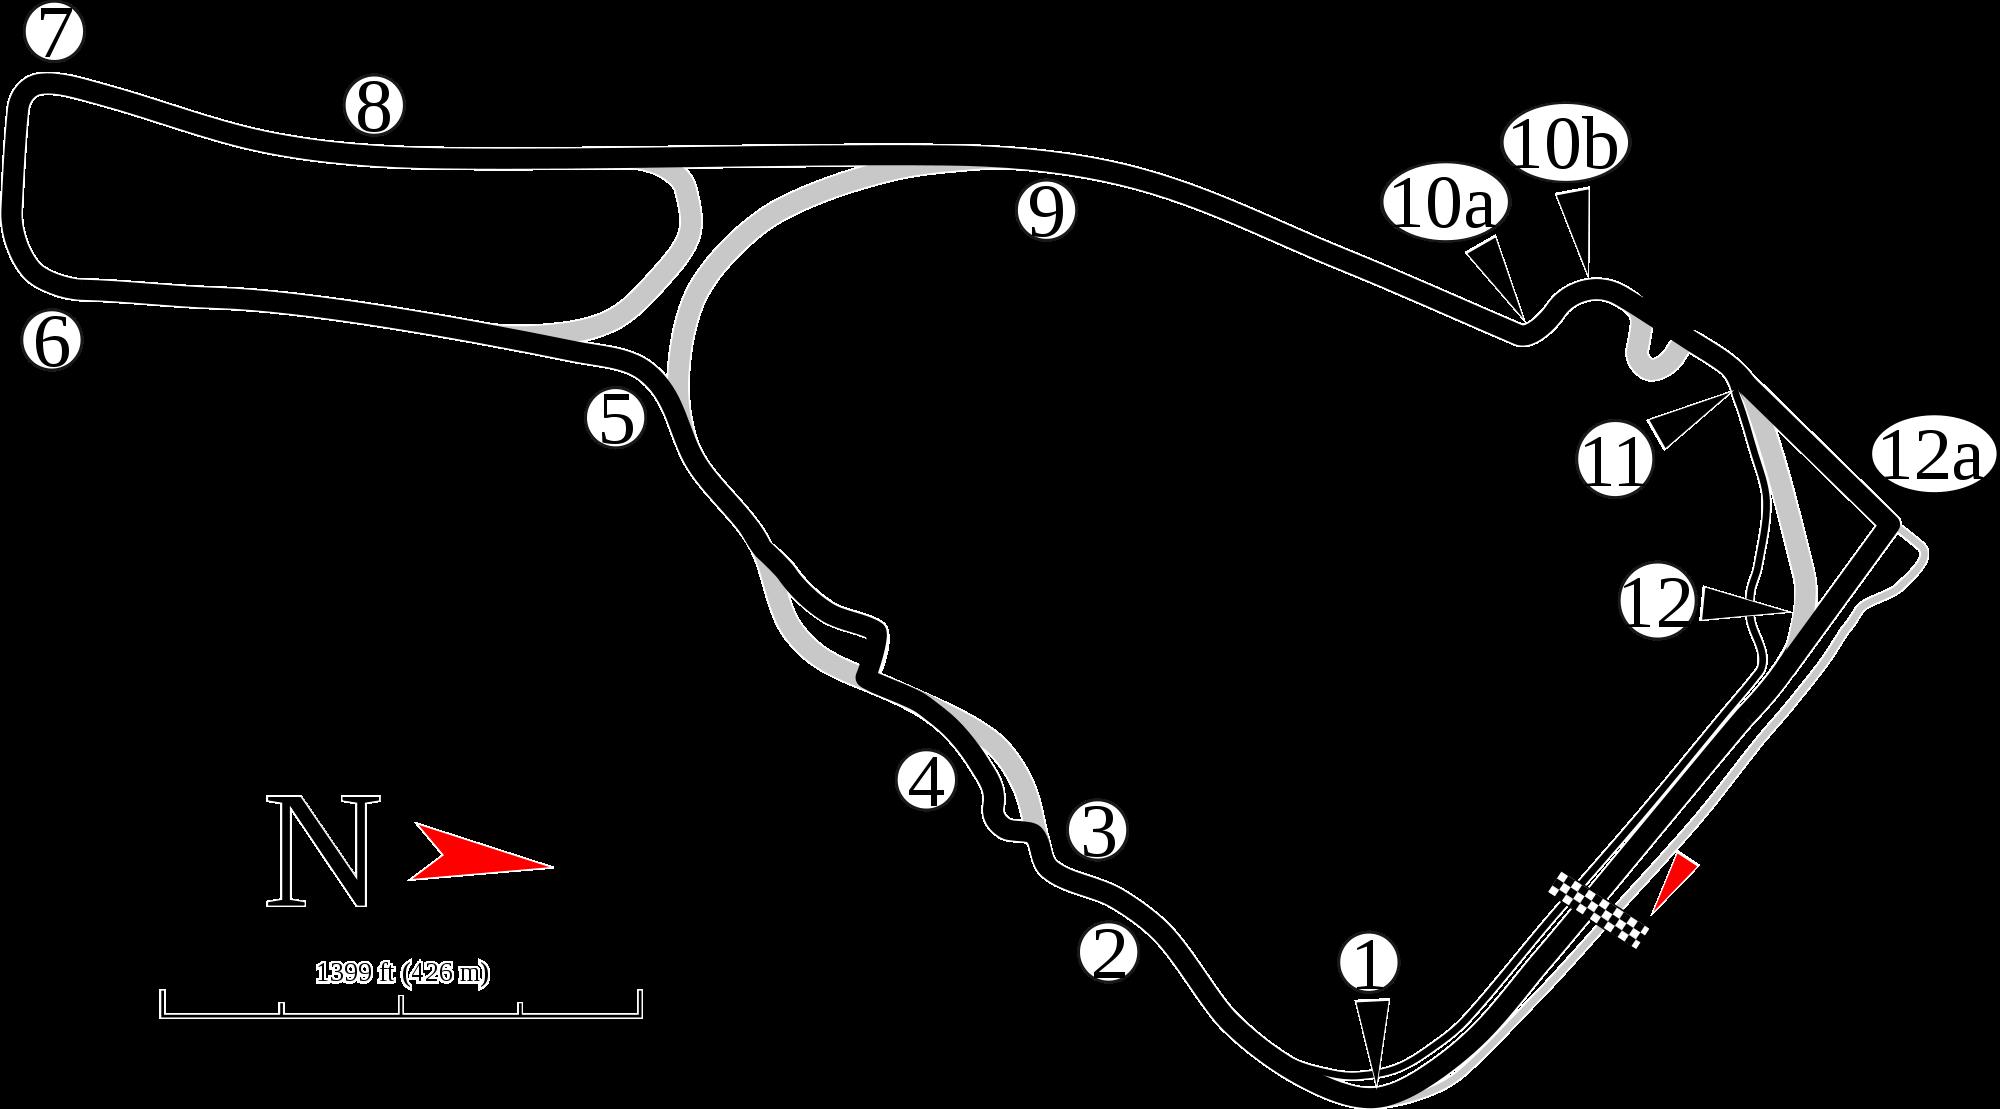 File:Road Atlanta bike circuit map 2008.png - Wikimedia Commons